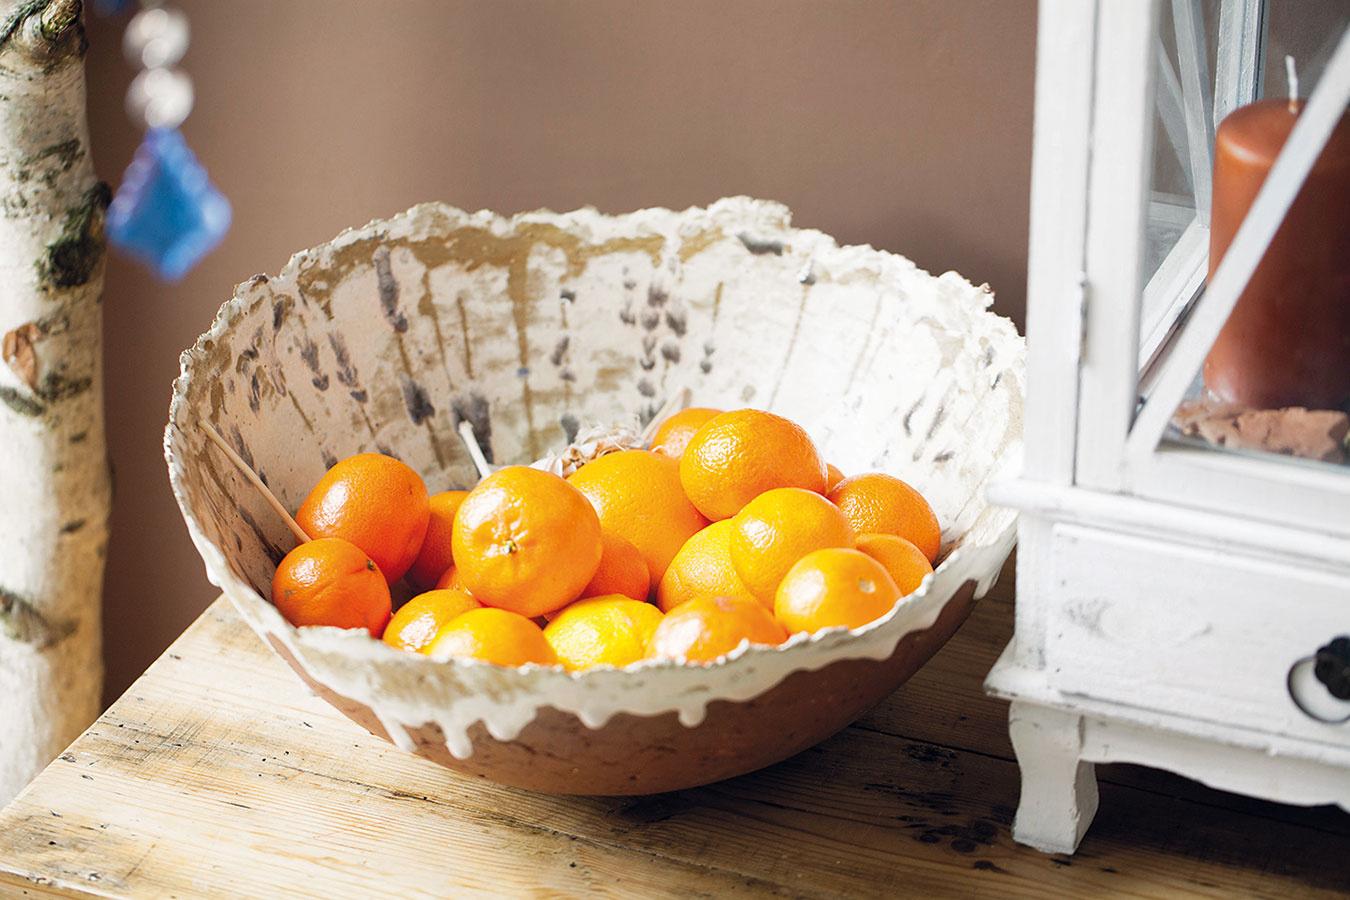 VDOBREJ MANDARÍNKE je svieža chuť smiechu, napísal Dušan Dušek vjednej svojej knižke. Rozosmejte teda svoj interiér veselou farbou ovocia. Anemusia to byť len mandarínky.